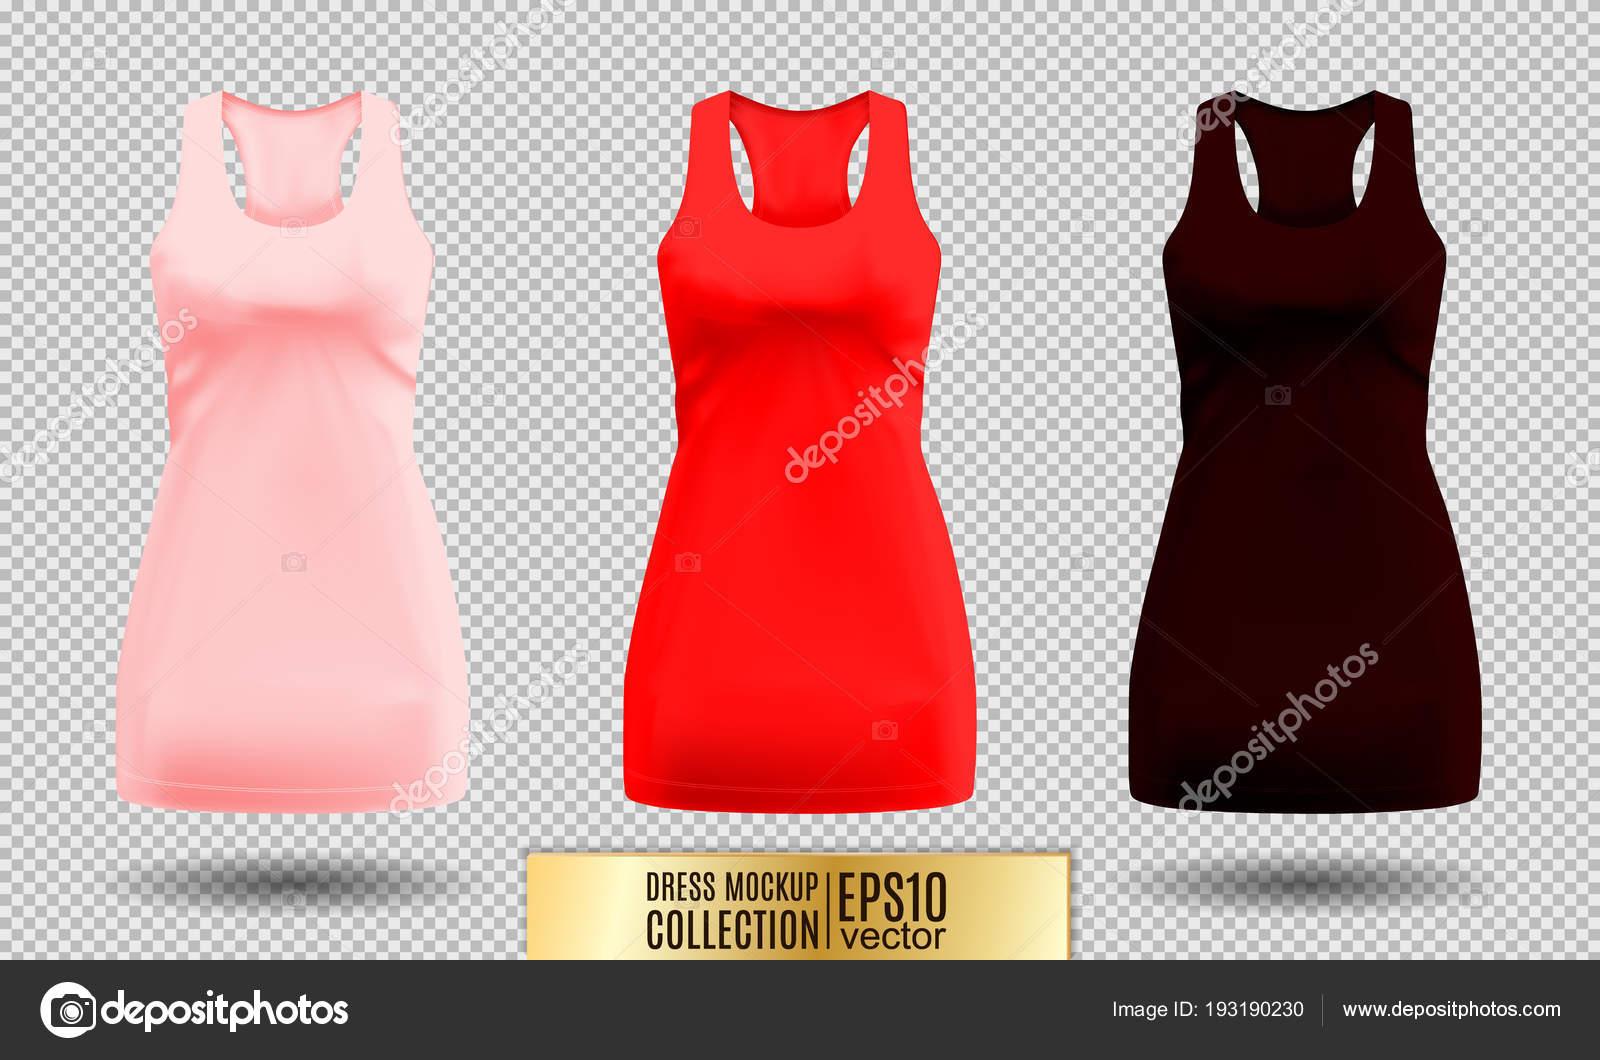 fffd2f2b77d2d6 Vestito di donna 3d dettagliata realistica mock up. Rosa, rosso e scuro  vinoso insieme